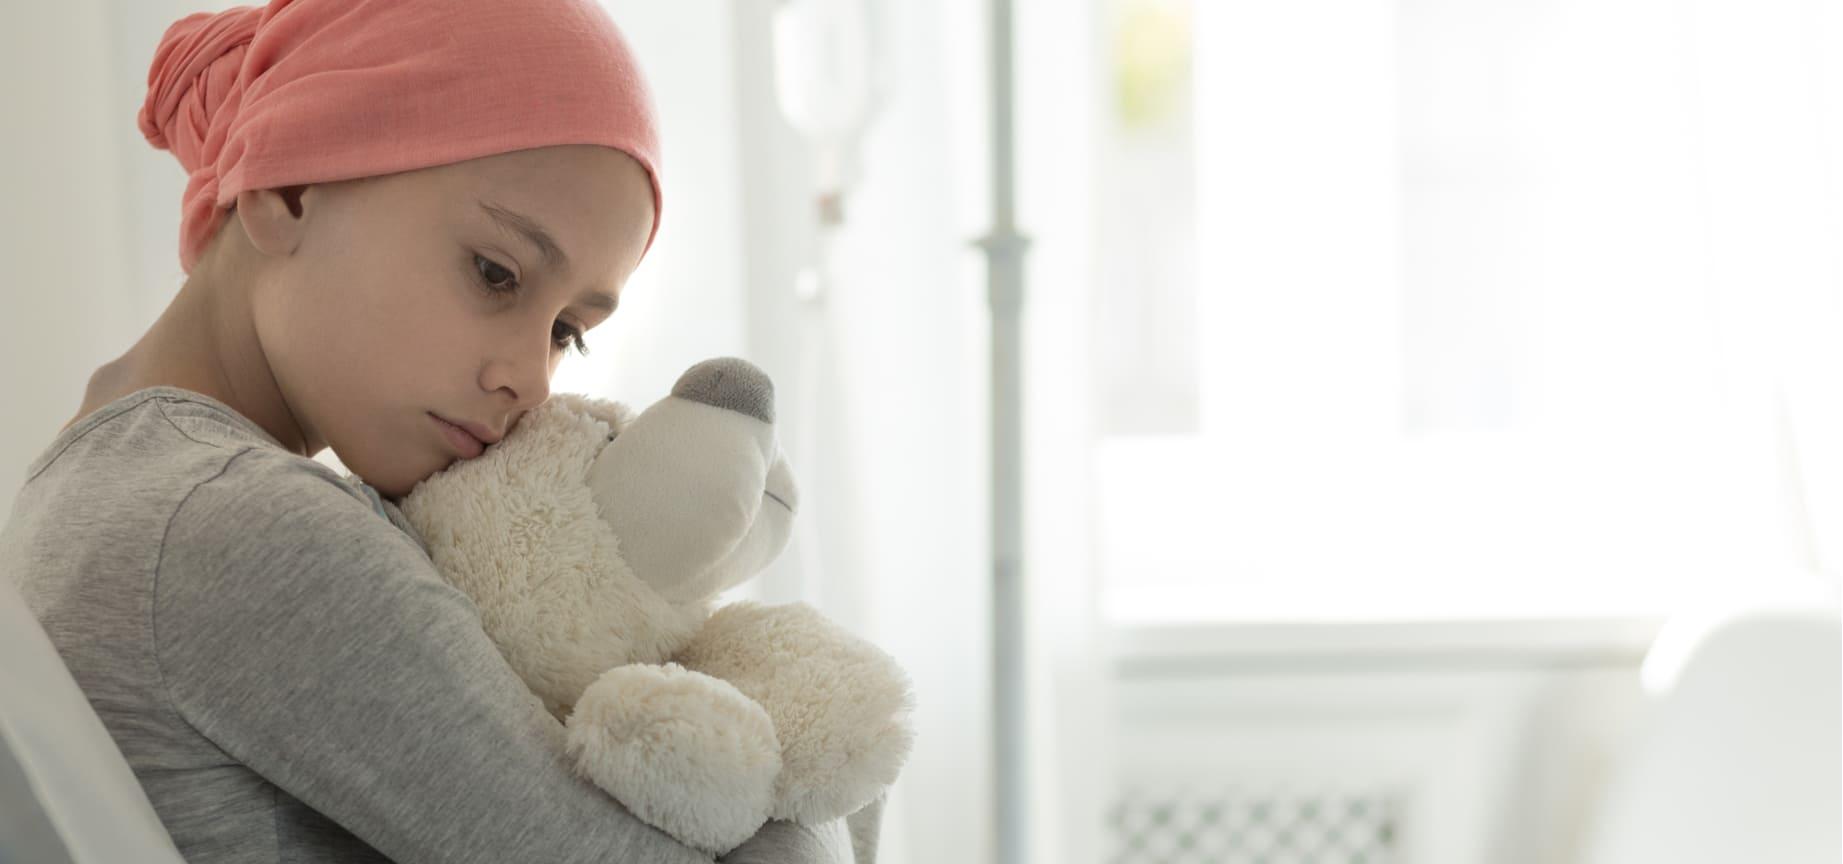 Niños sobrevivientes de cáncer tendrían mayor riesgo cardíaco